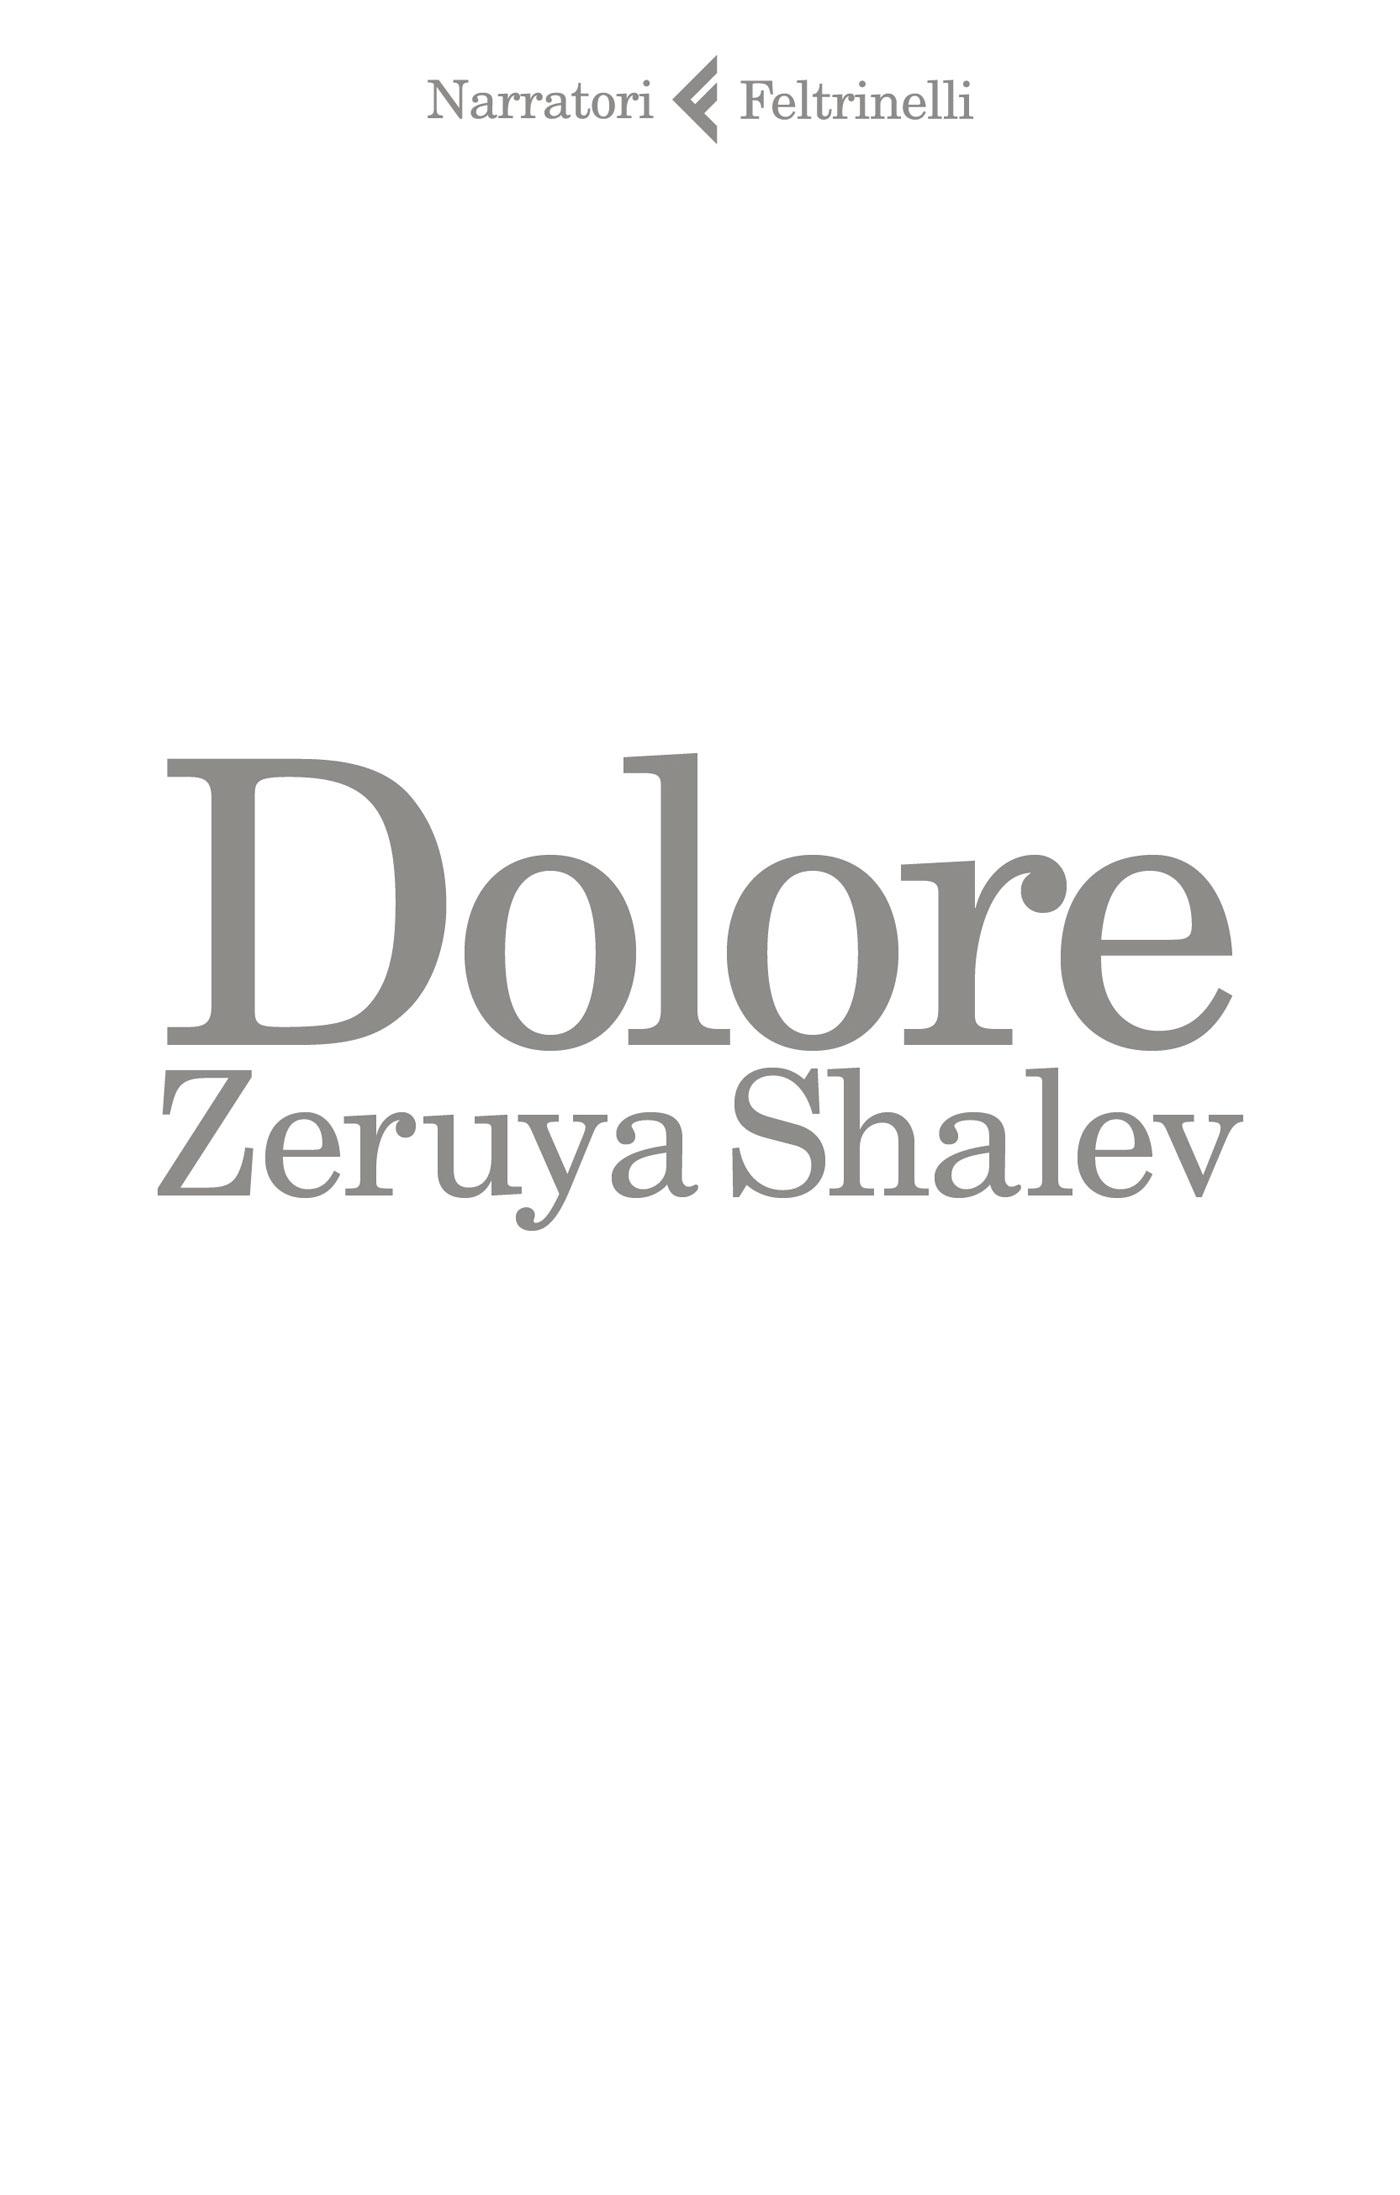 Risultati immagini per Dolore  shalev